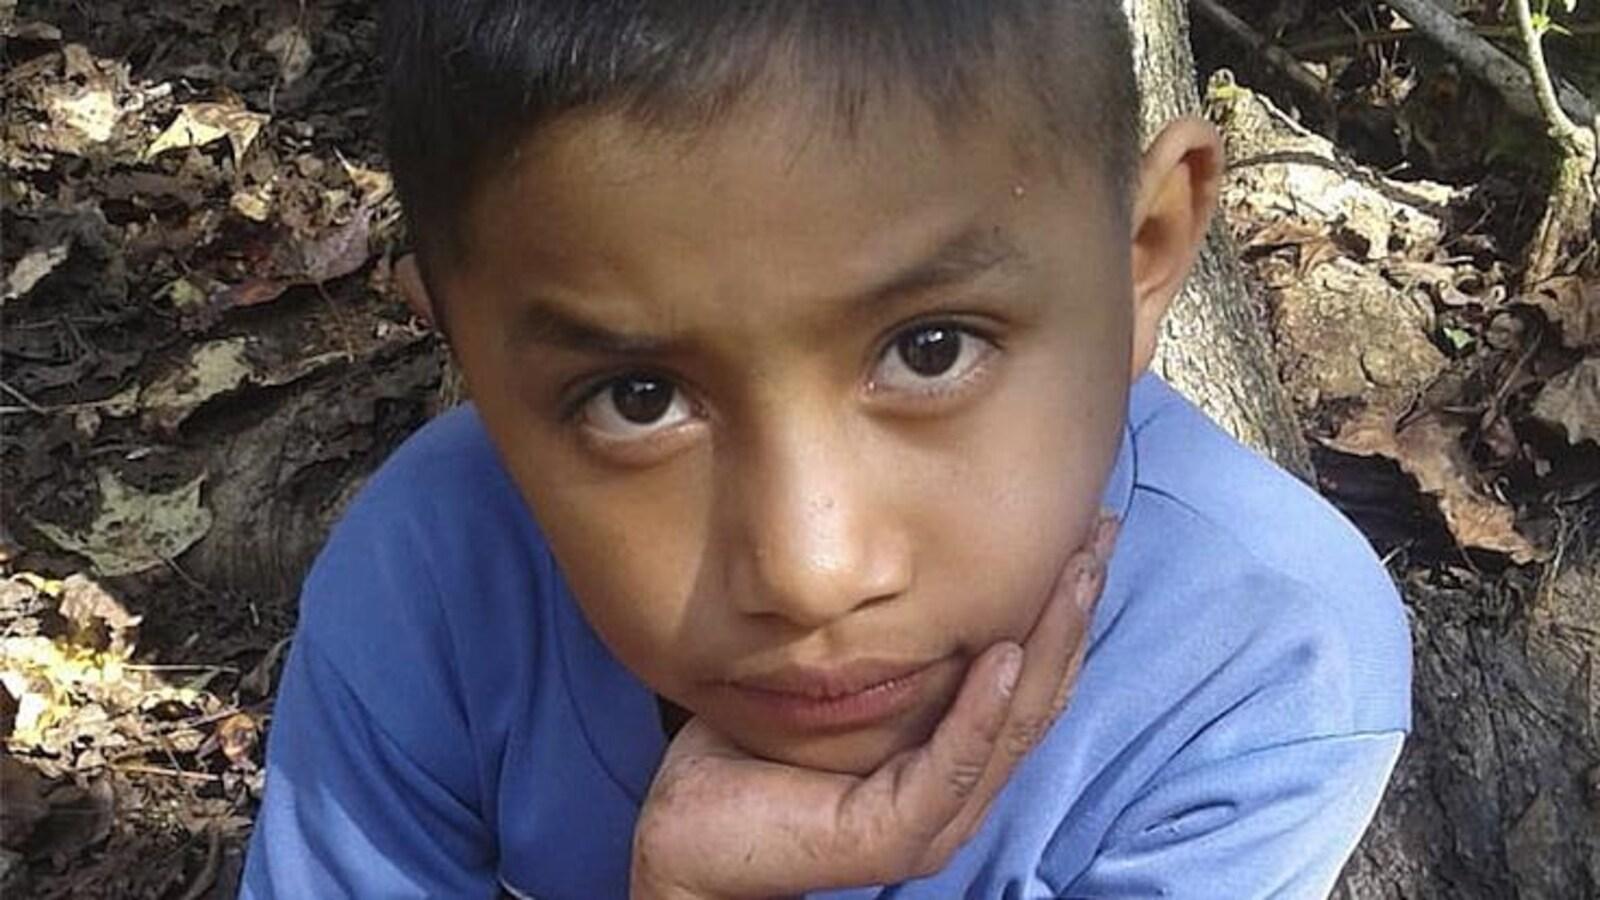 Felipe Gomez Alonzo est tombé malade après avoir été arrêté avec son père le 18 décembre à El Paso, au Texas, pour avoir pénétré illégalement aux États-Unis.